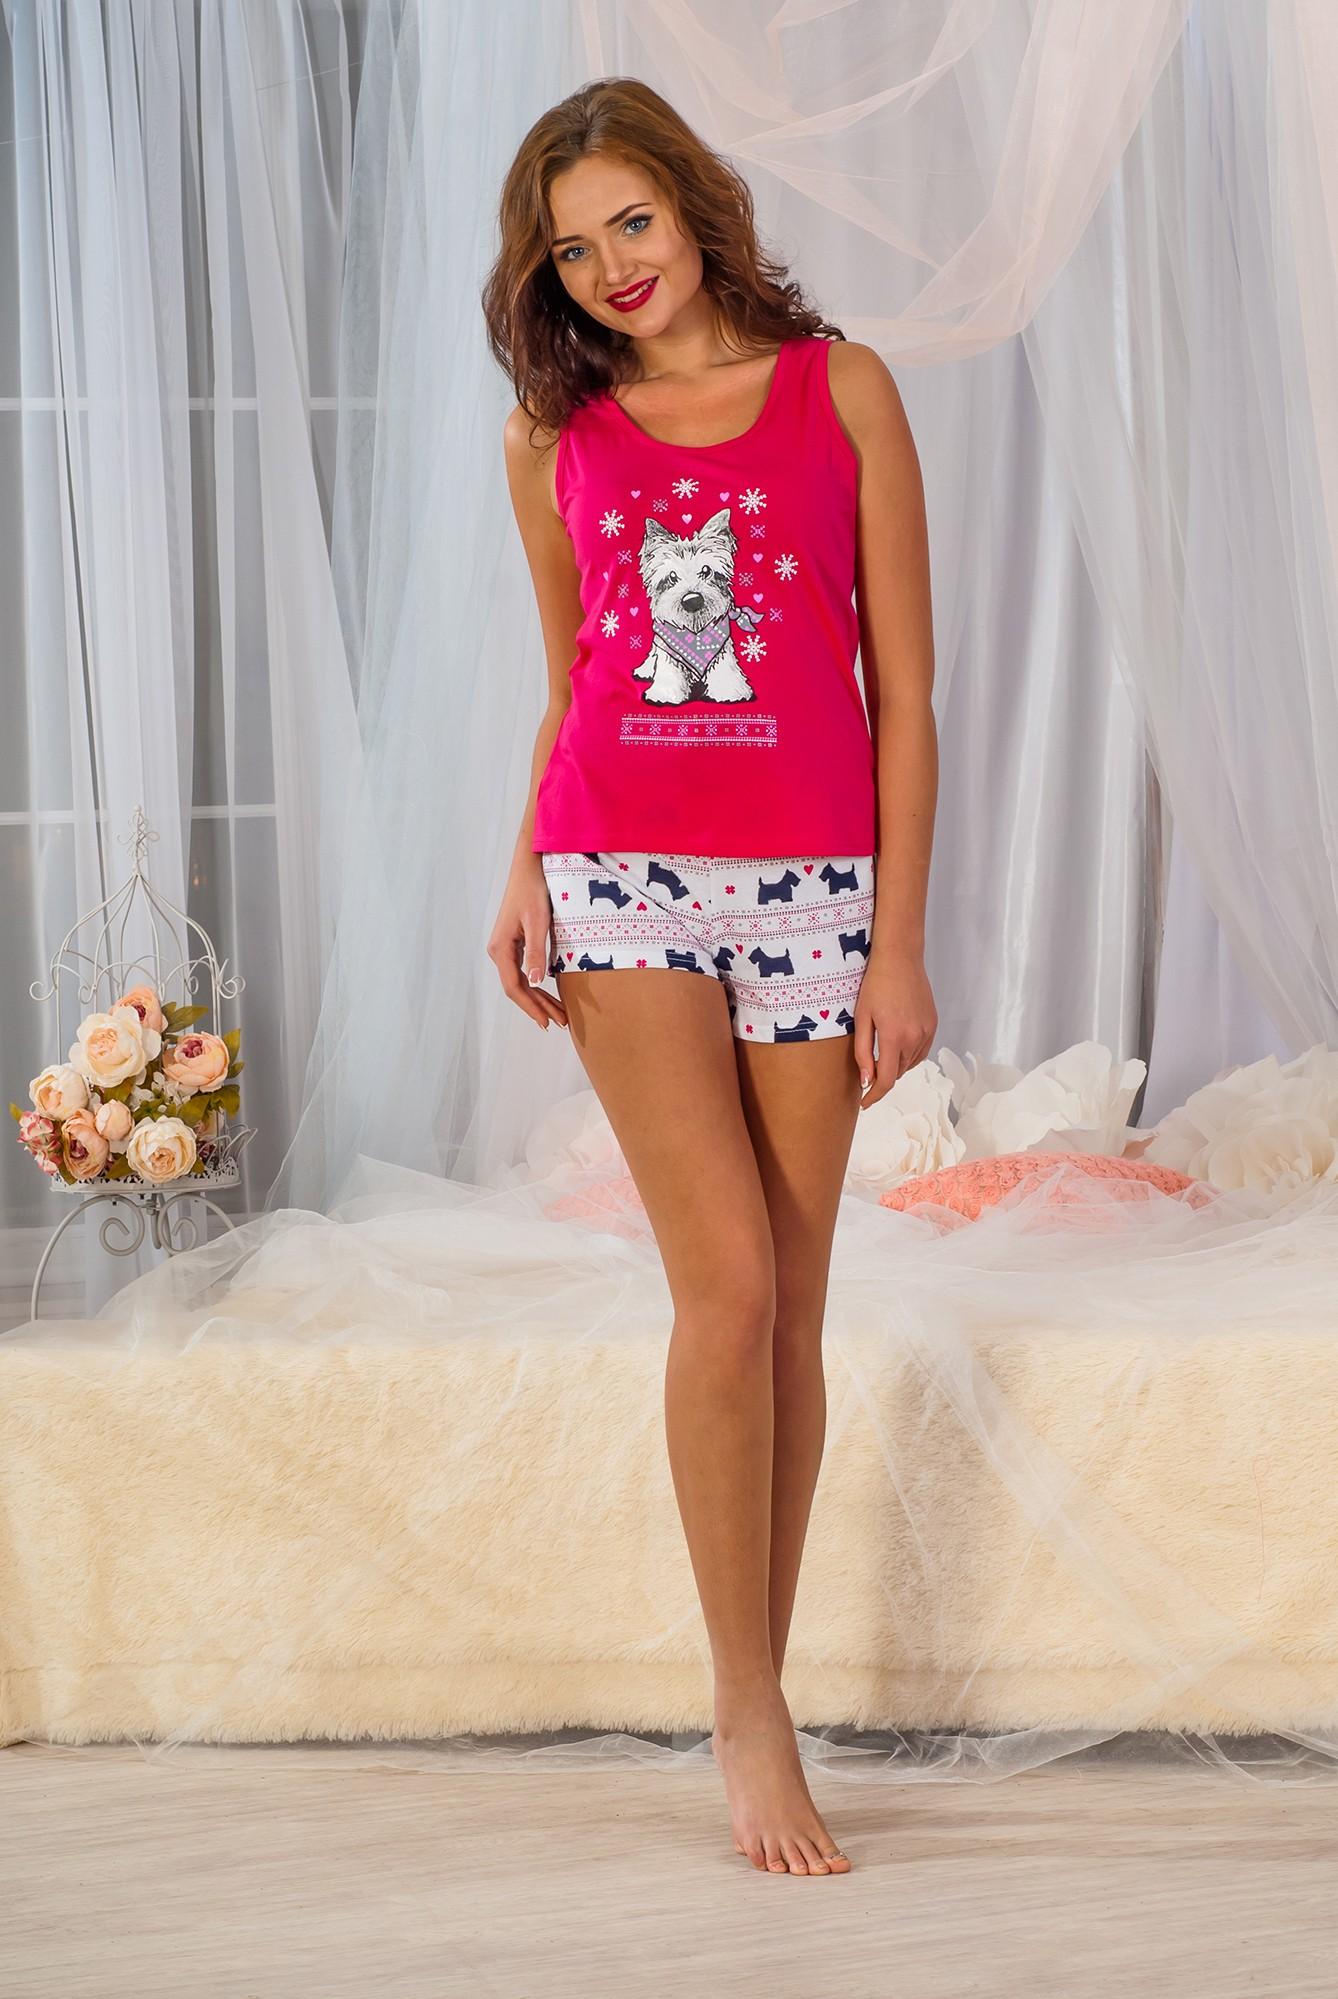 Пижама женская Паппи П майка и шортыДомашняя одежда<br><br><br>Размер: Синий